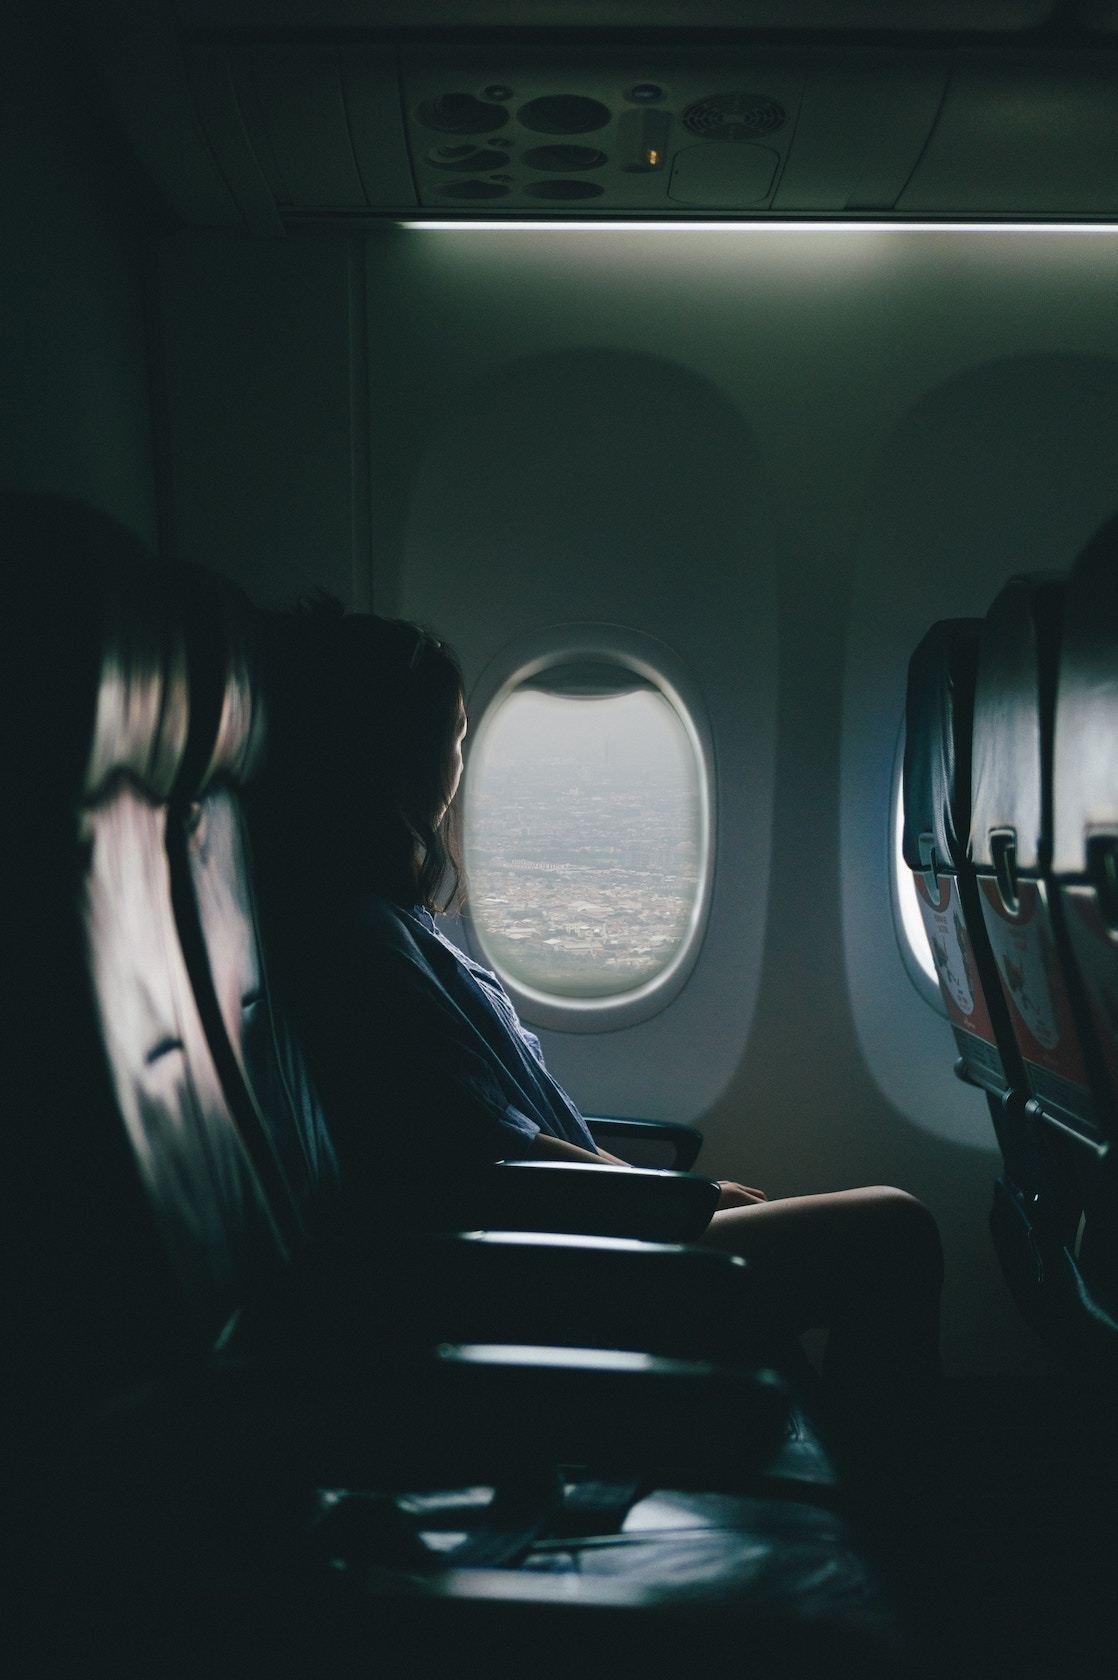 сильно хотелось фото девушек в самолете пробовал твердить его